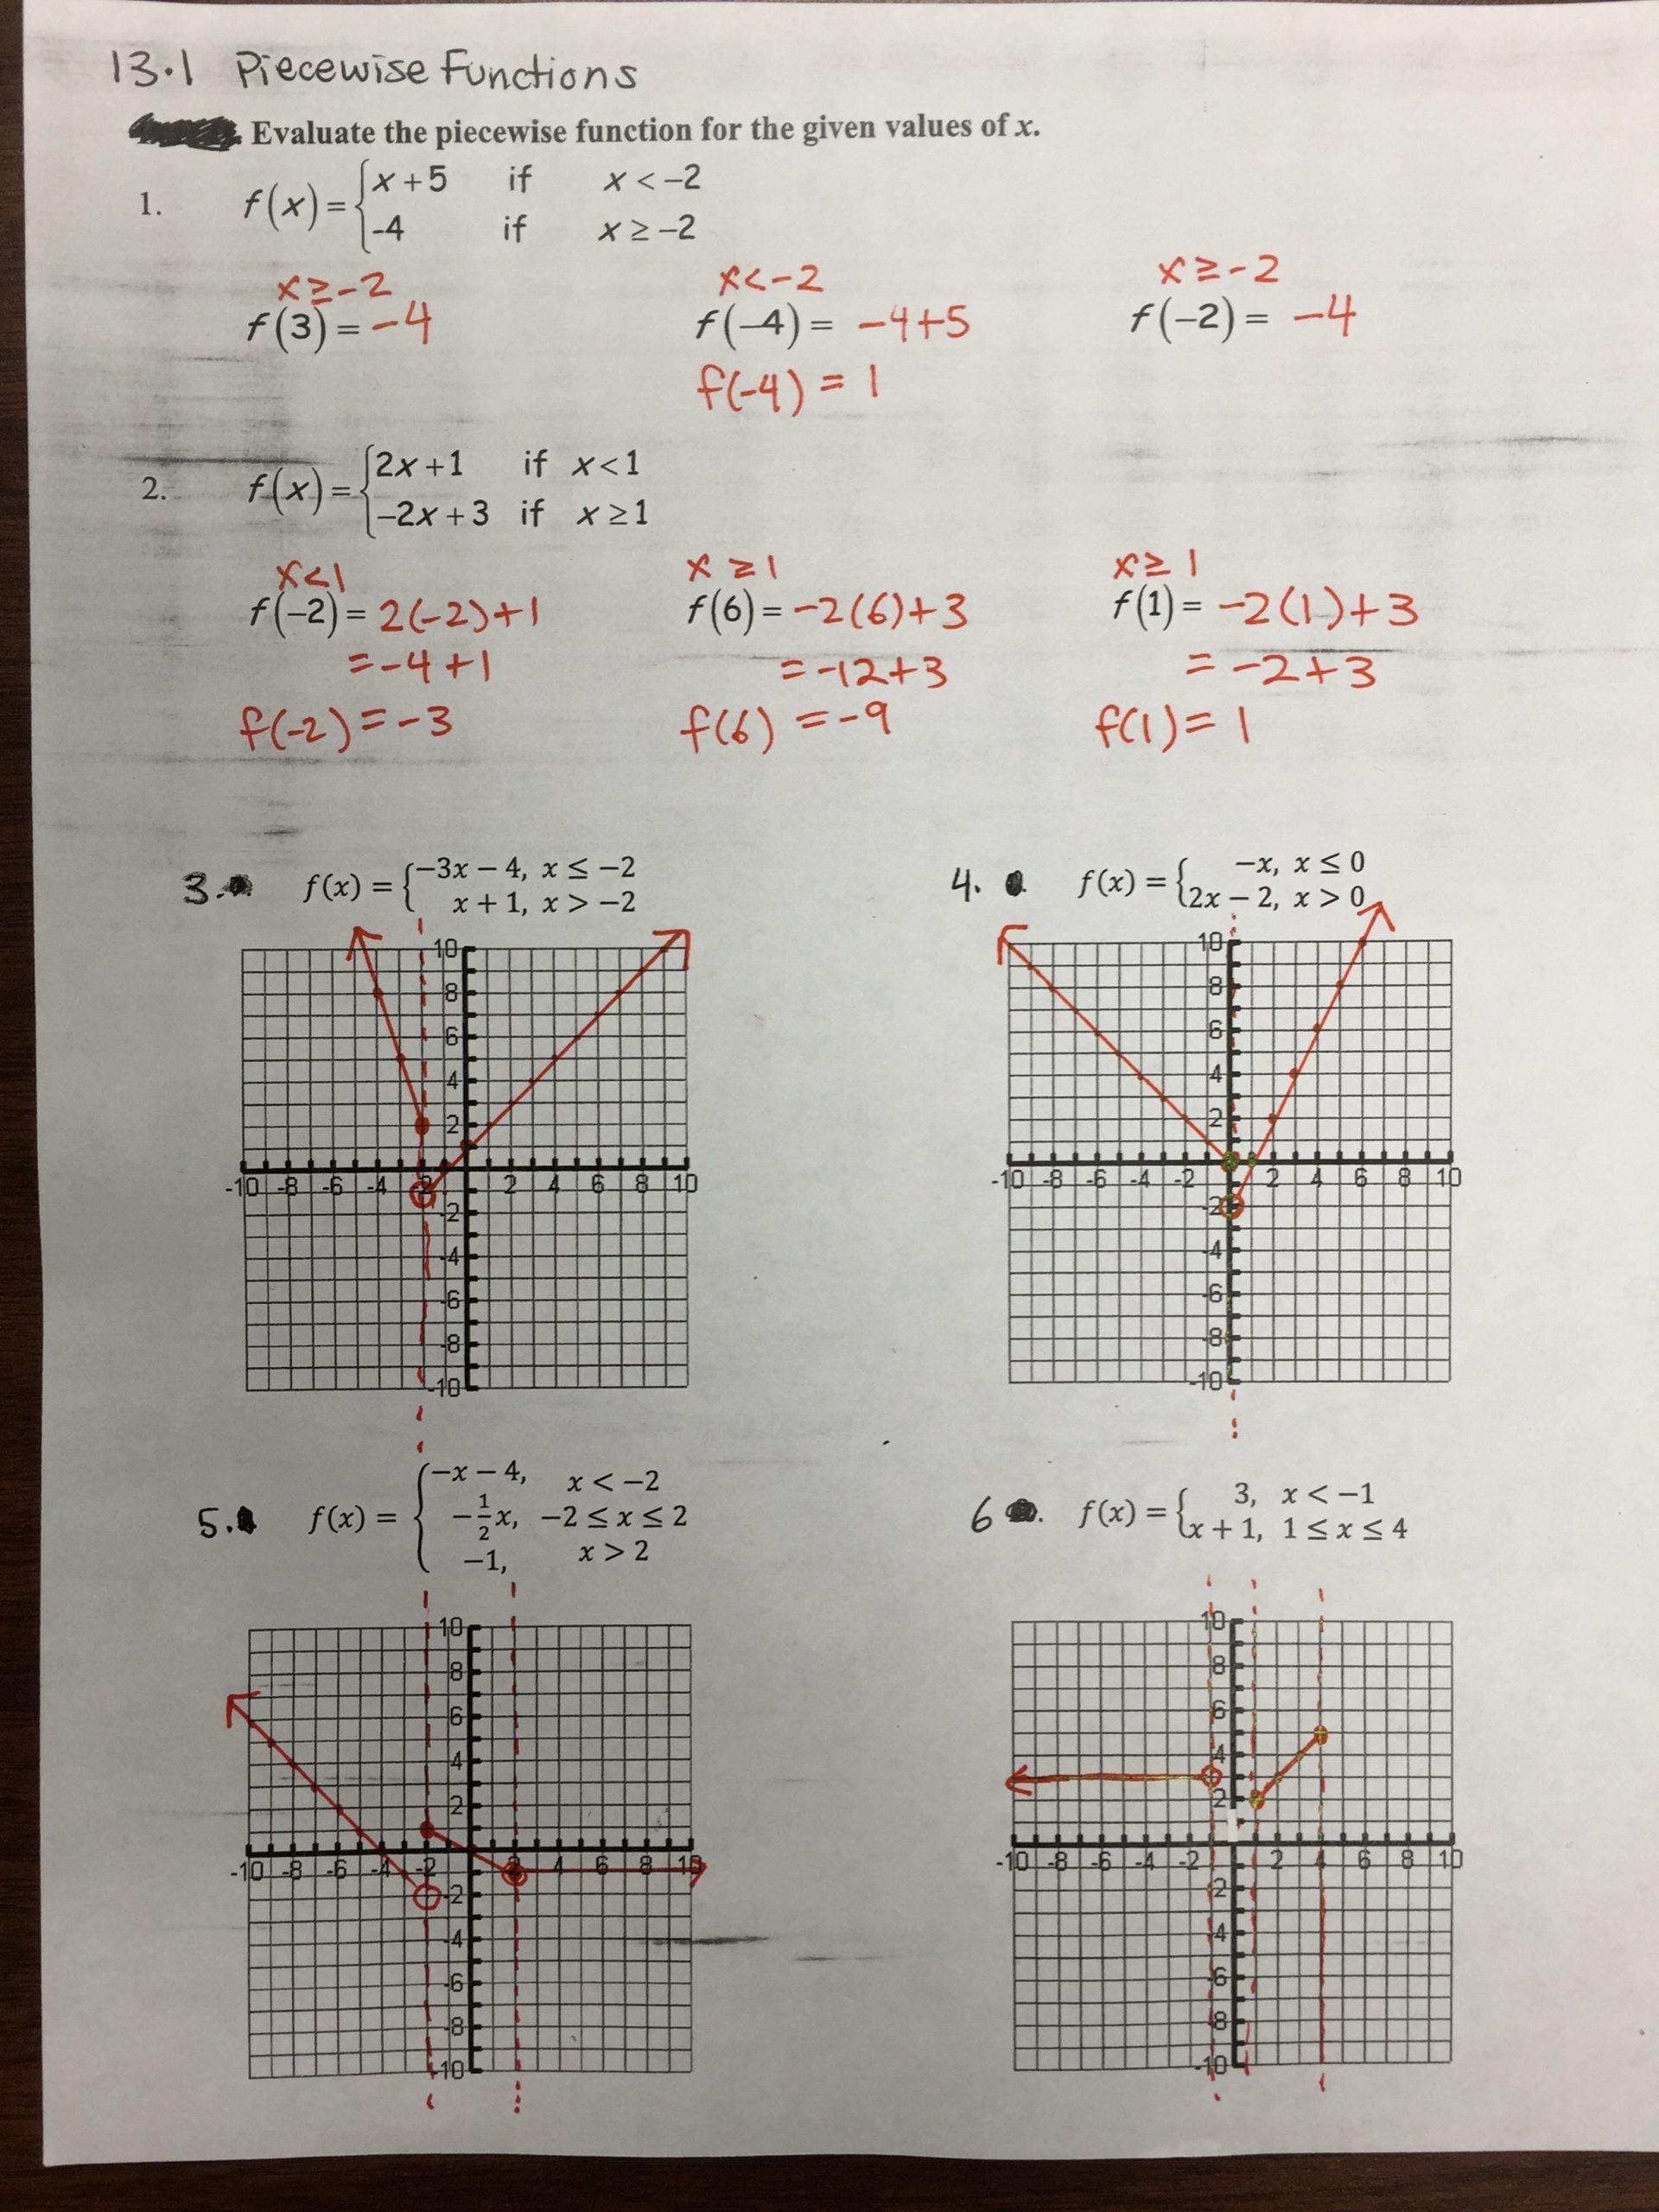 Worksheet Piecewise Functions Algebra 2 Worksheet Piecewise Functions Answers Key